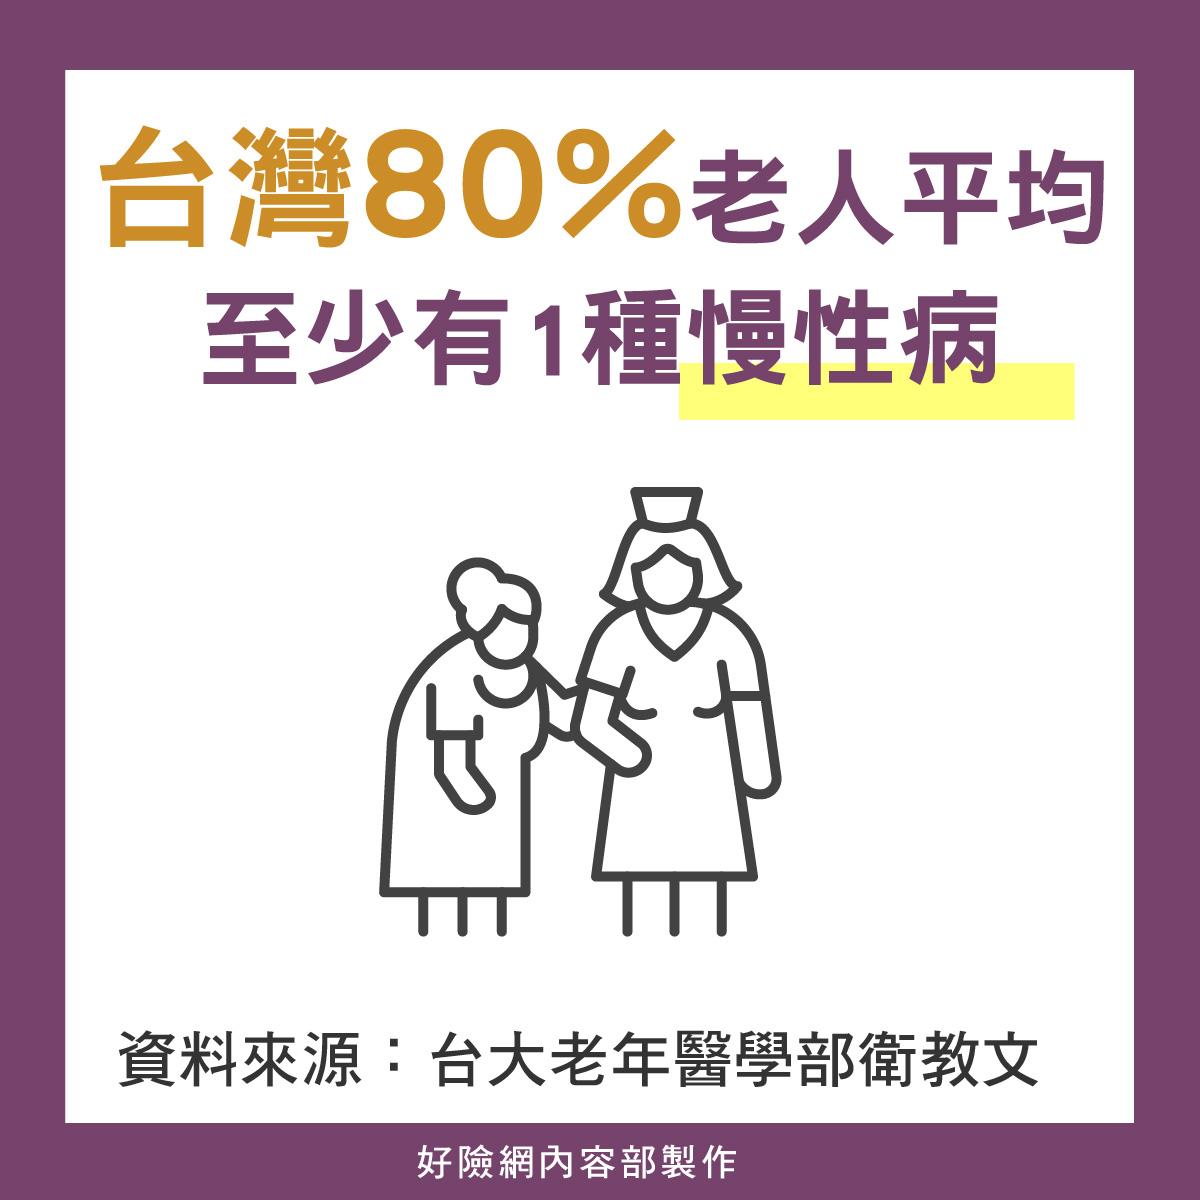 80%老人有慢性病